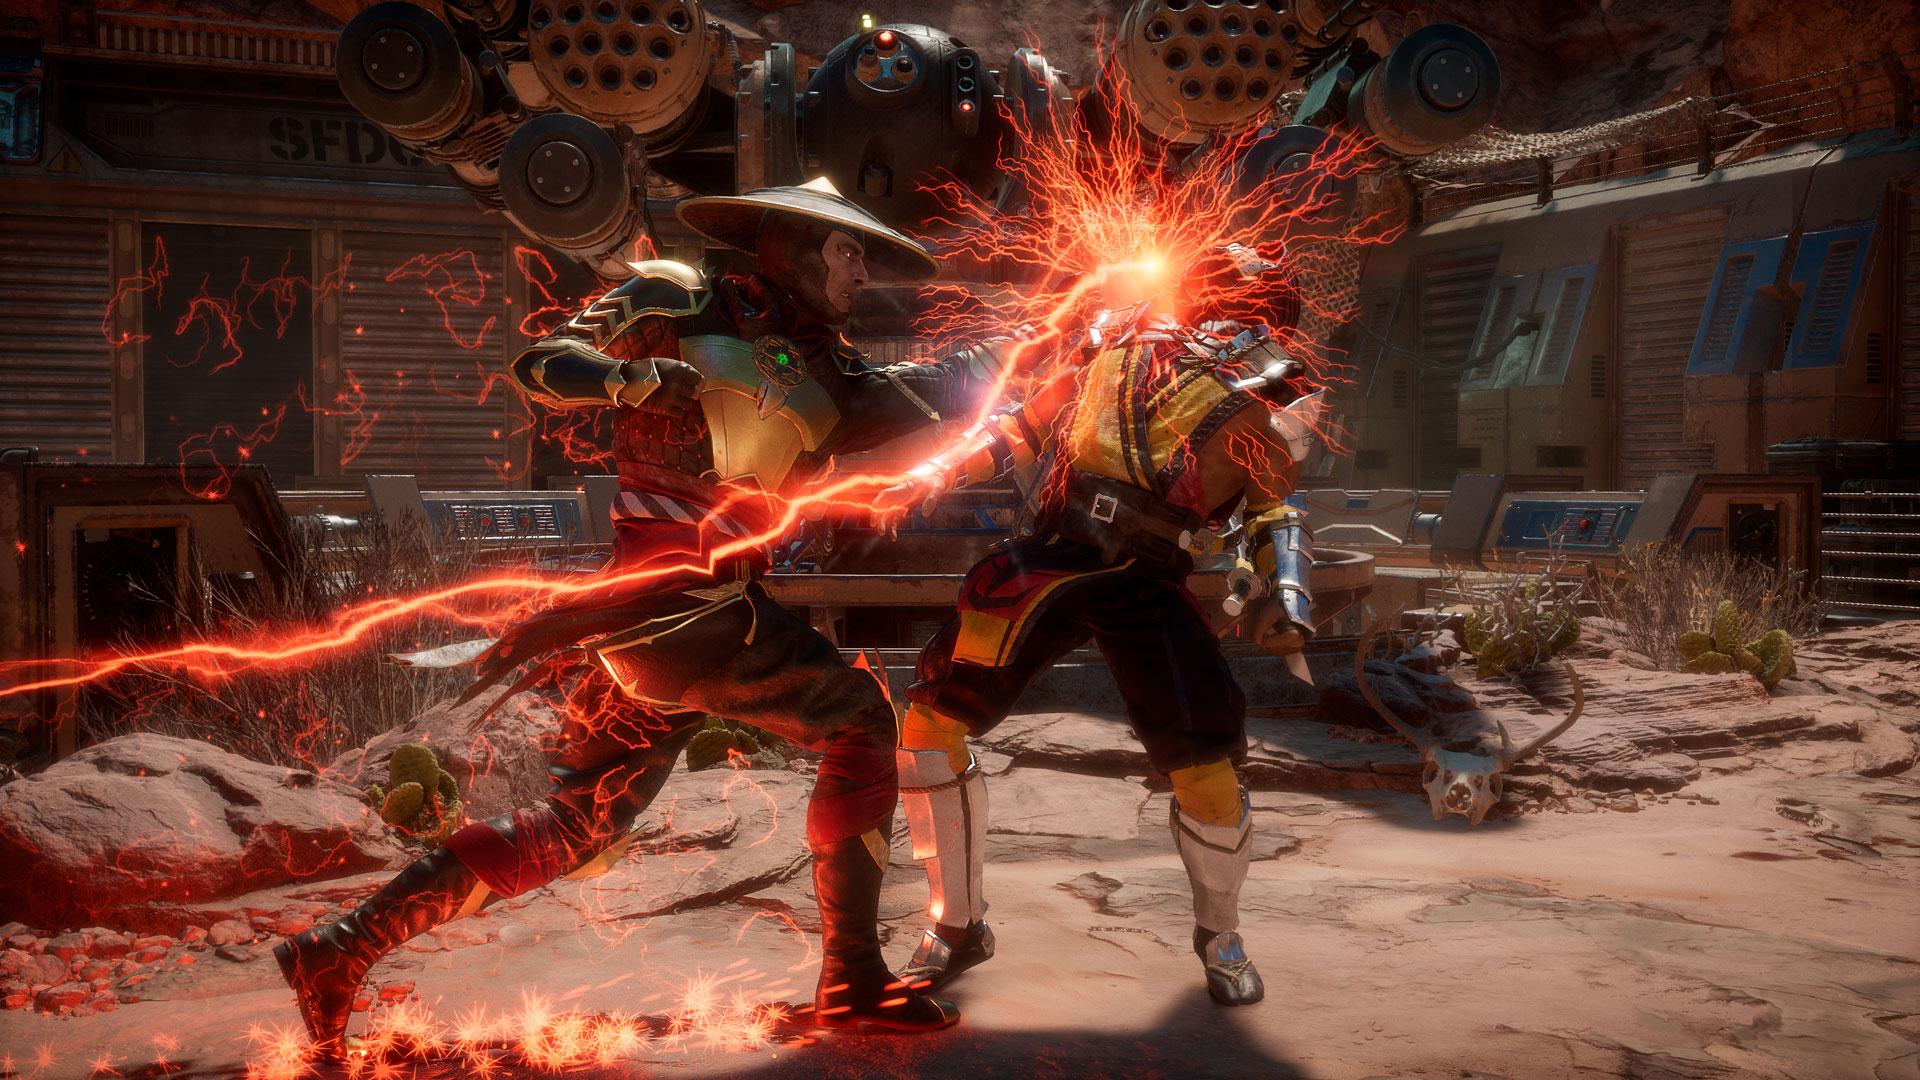 WB работает над детским мультсериалом по мотивам Mortal Kombat. Он крутой, но его хотят отменить 1